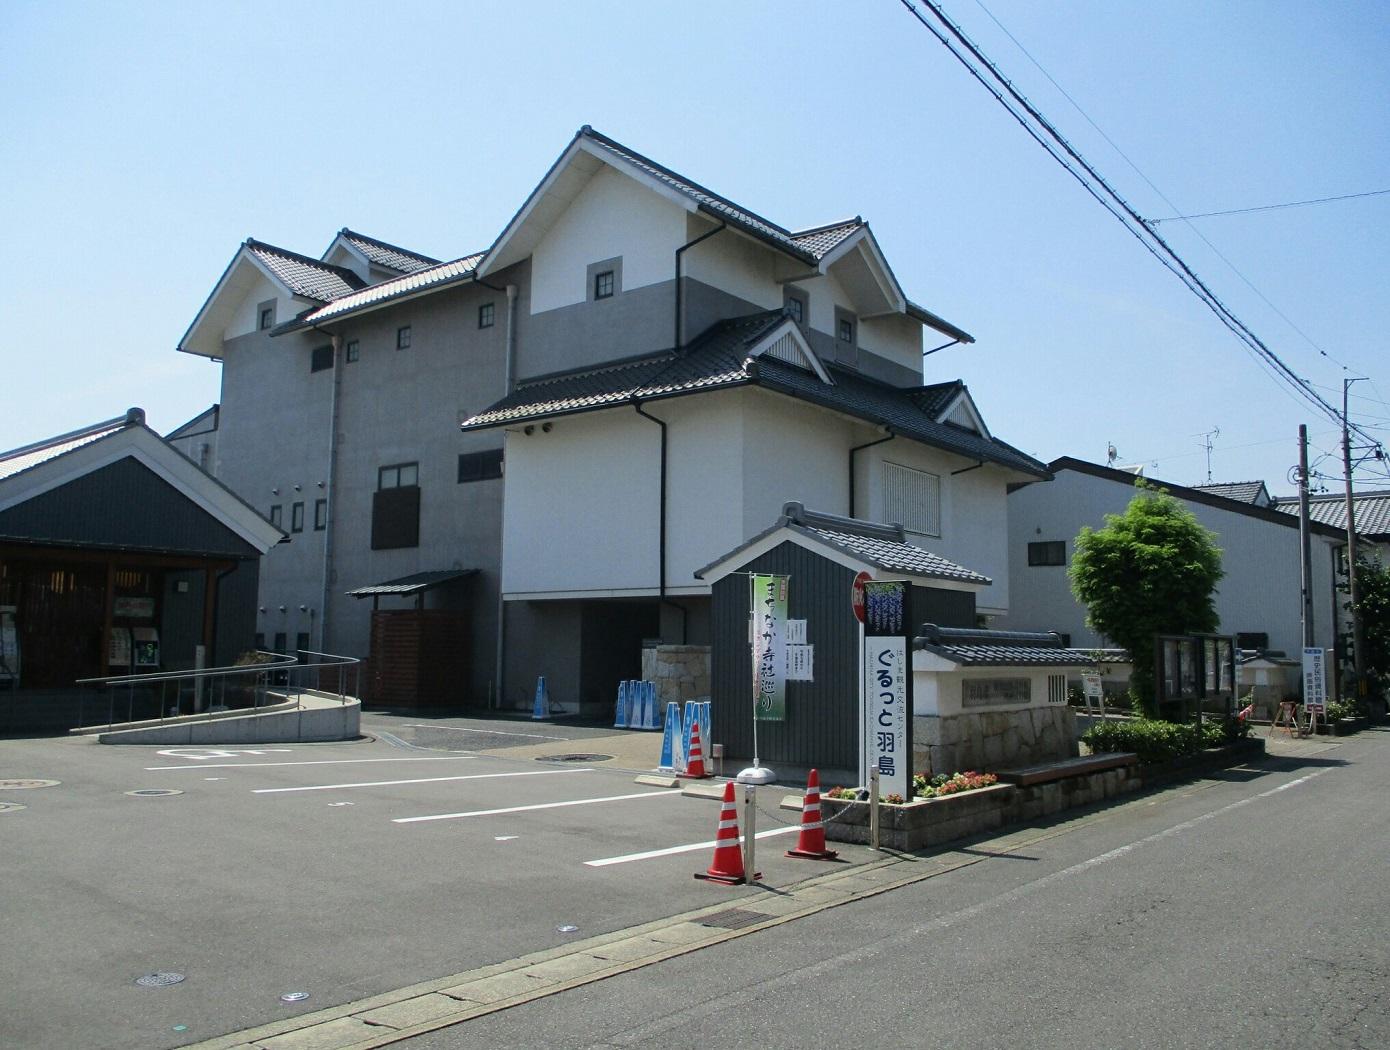 2018.7.18 (68) 竹鼻 - ぐるっと羽島と羽島市歴史民俗資料館・映画資料館 1390-1050